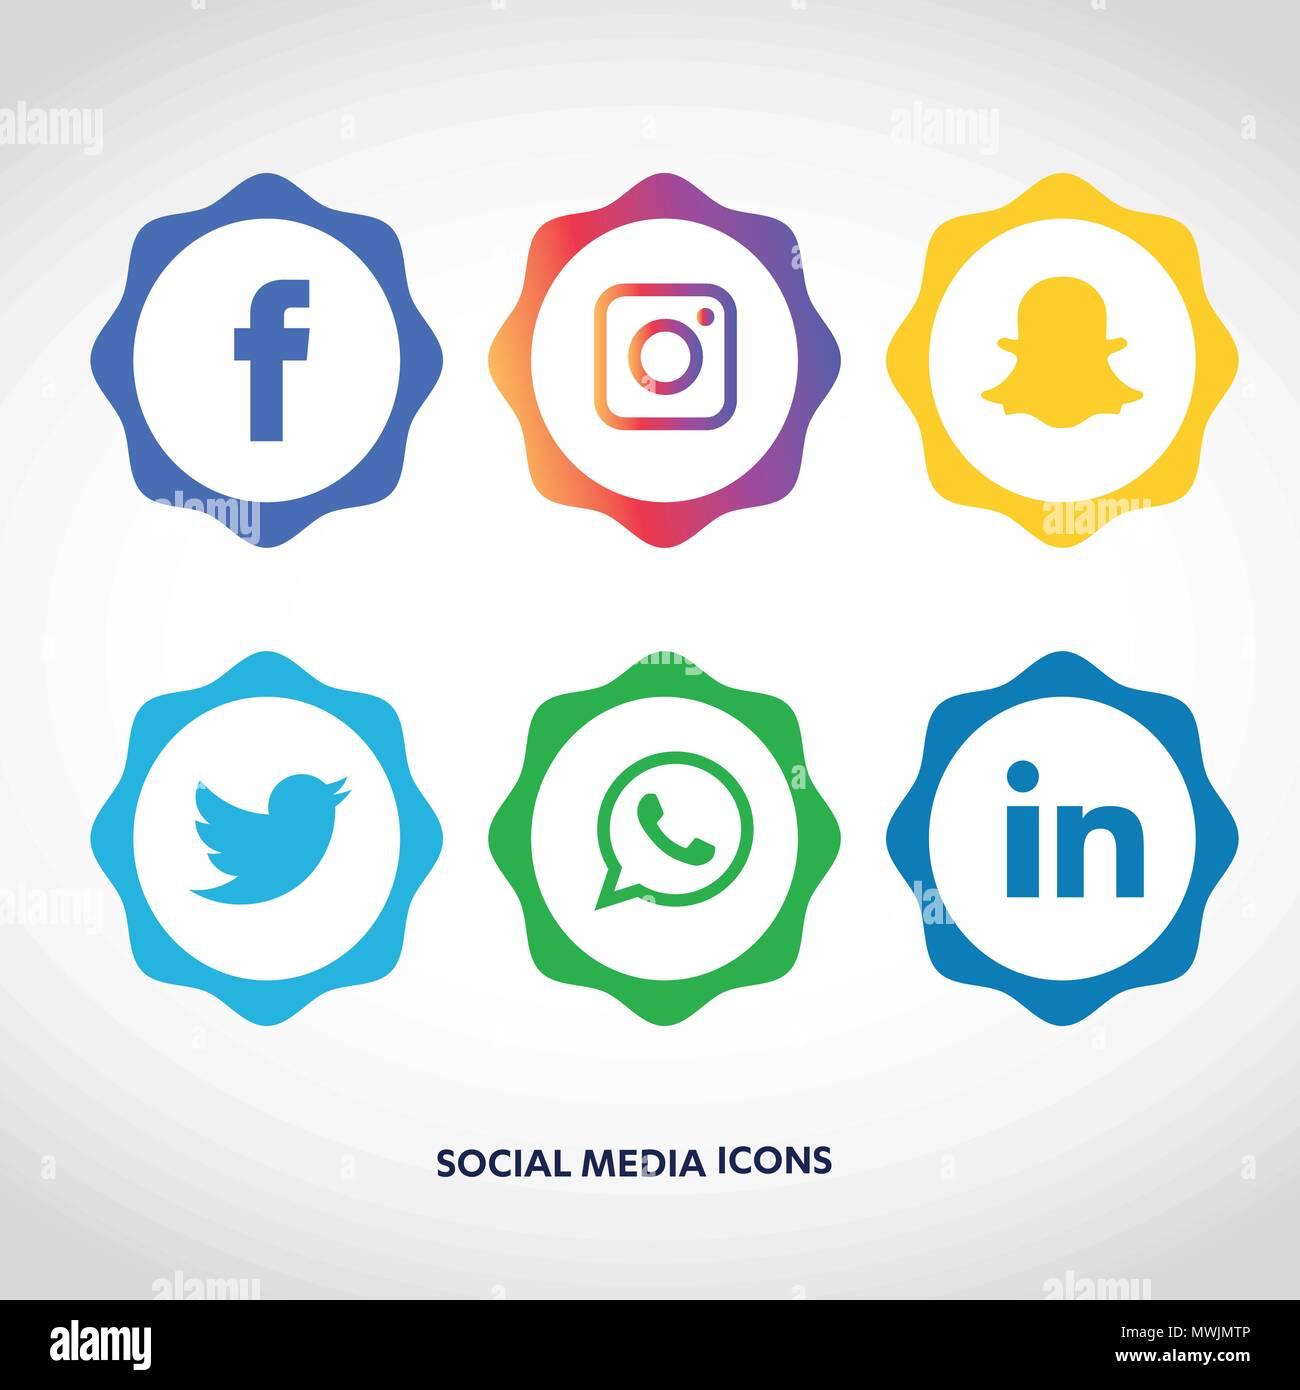 Instagram Vector Vectors Imágenes De Stock Instagram Vector